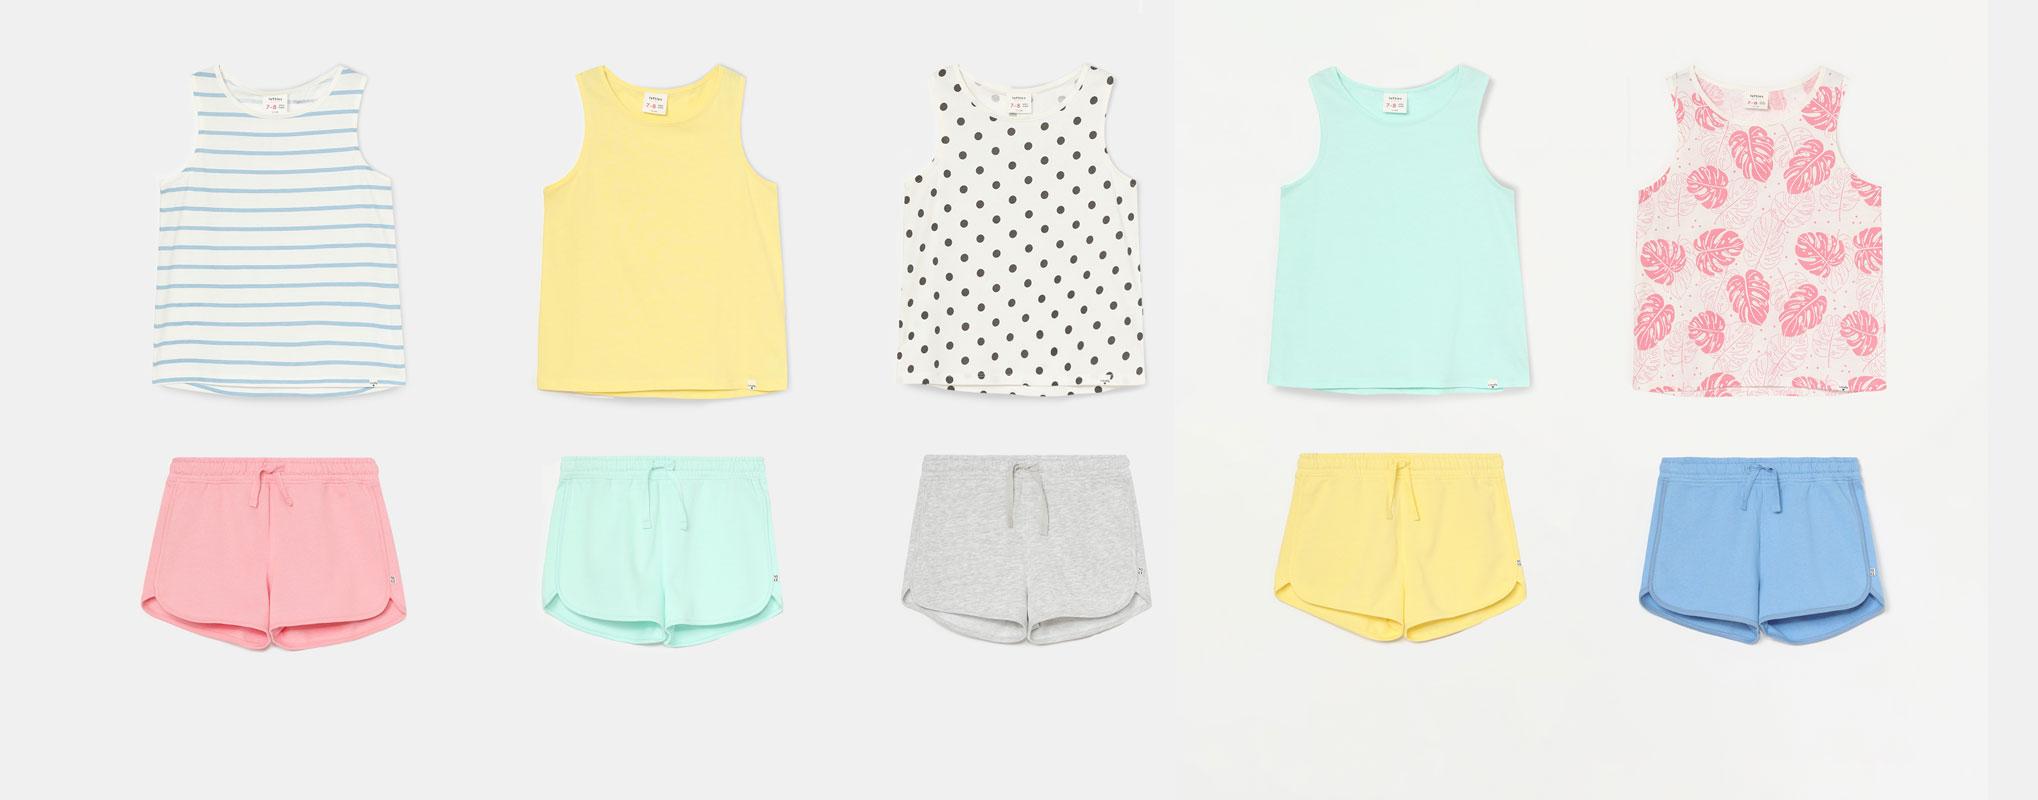 Weekly pack of 10 garments